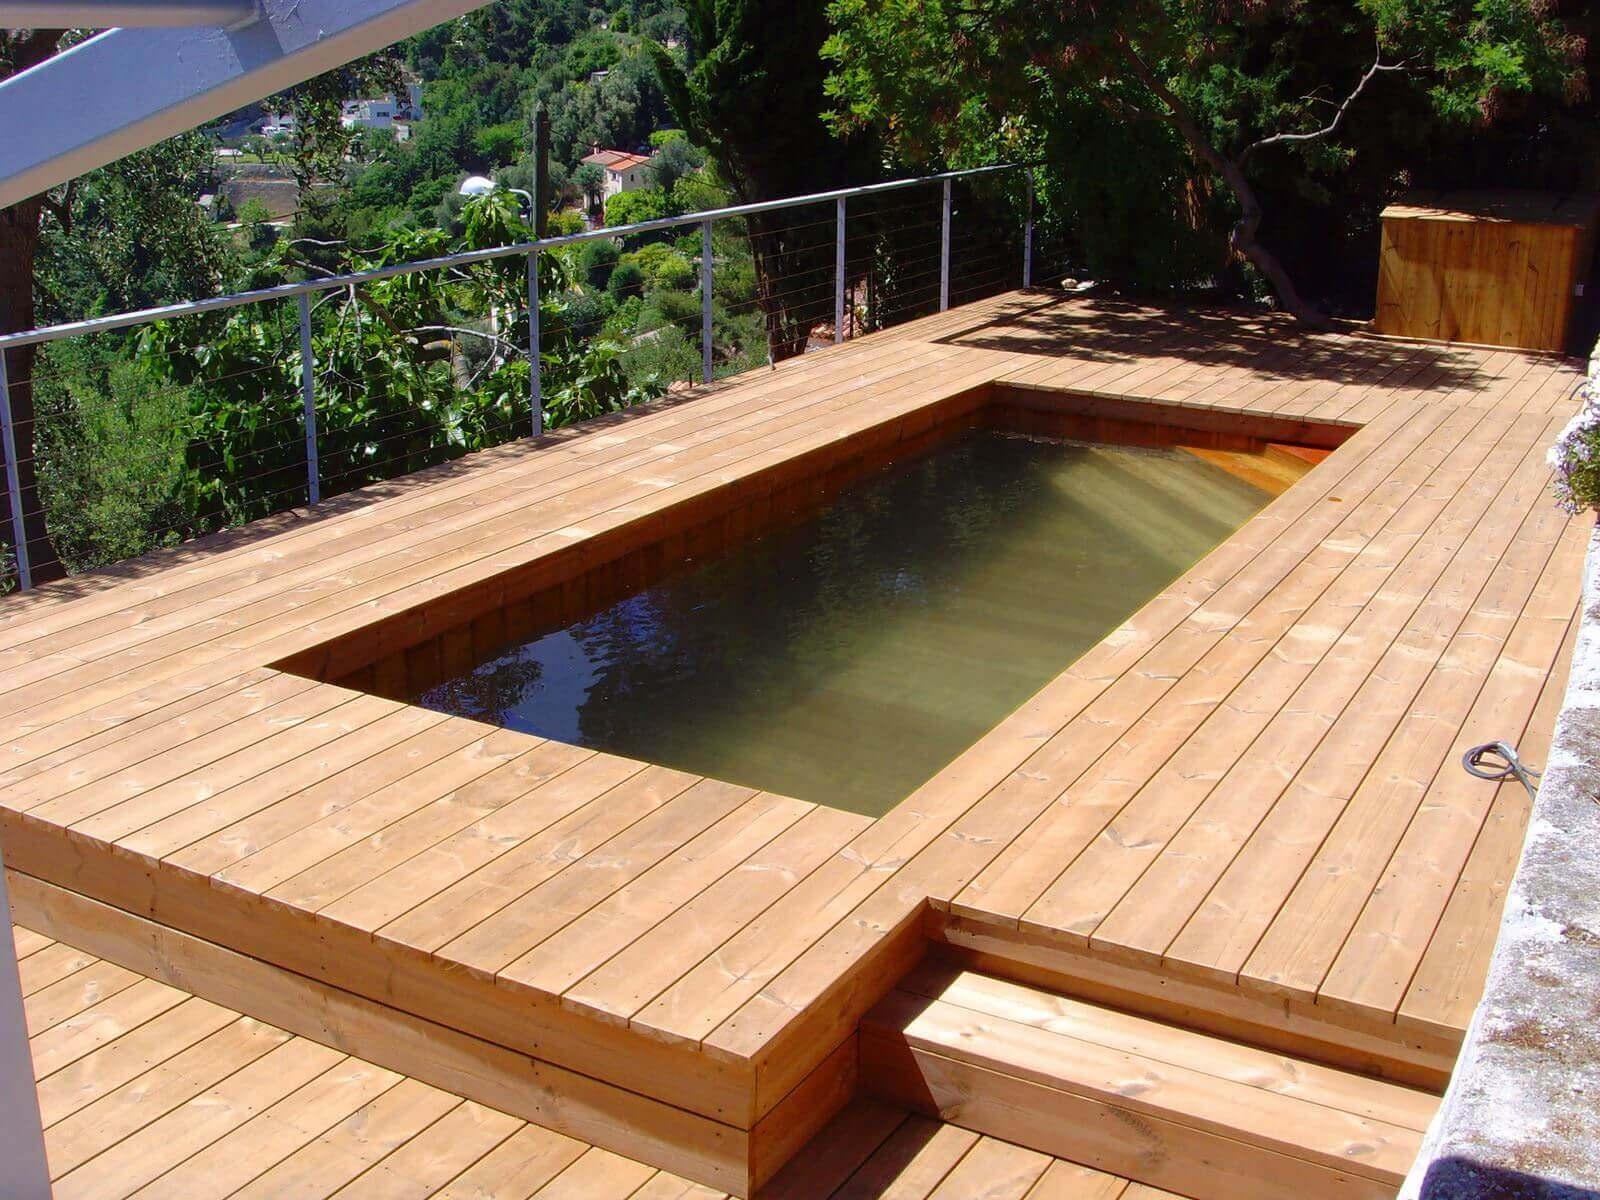 Fabricant piscine et jacuzzi spa sur mesure 100 bois for Mini piscine bois enterree